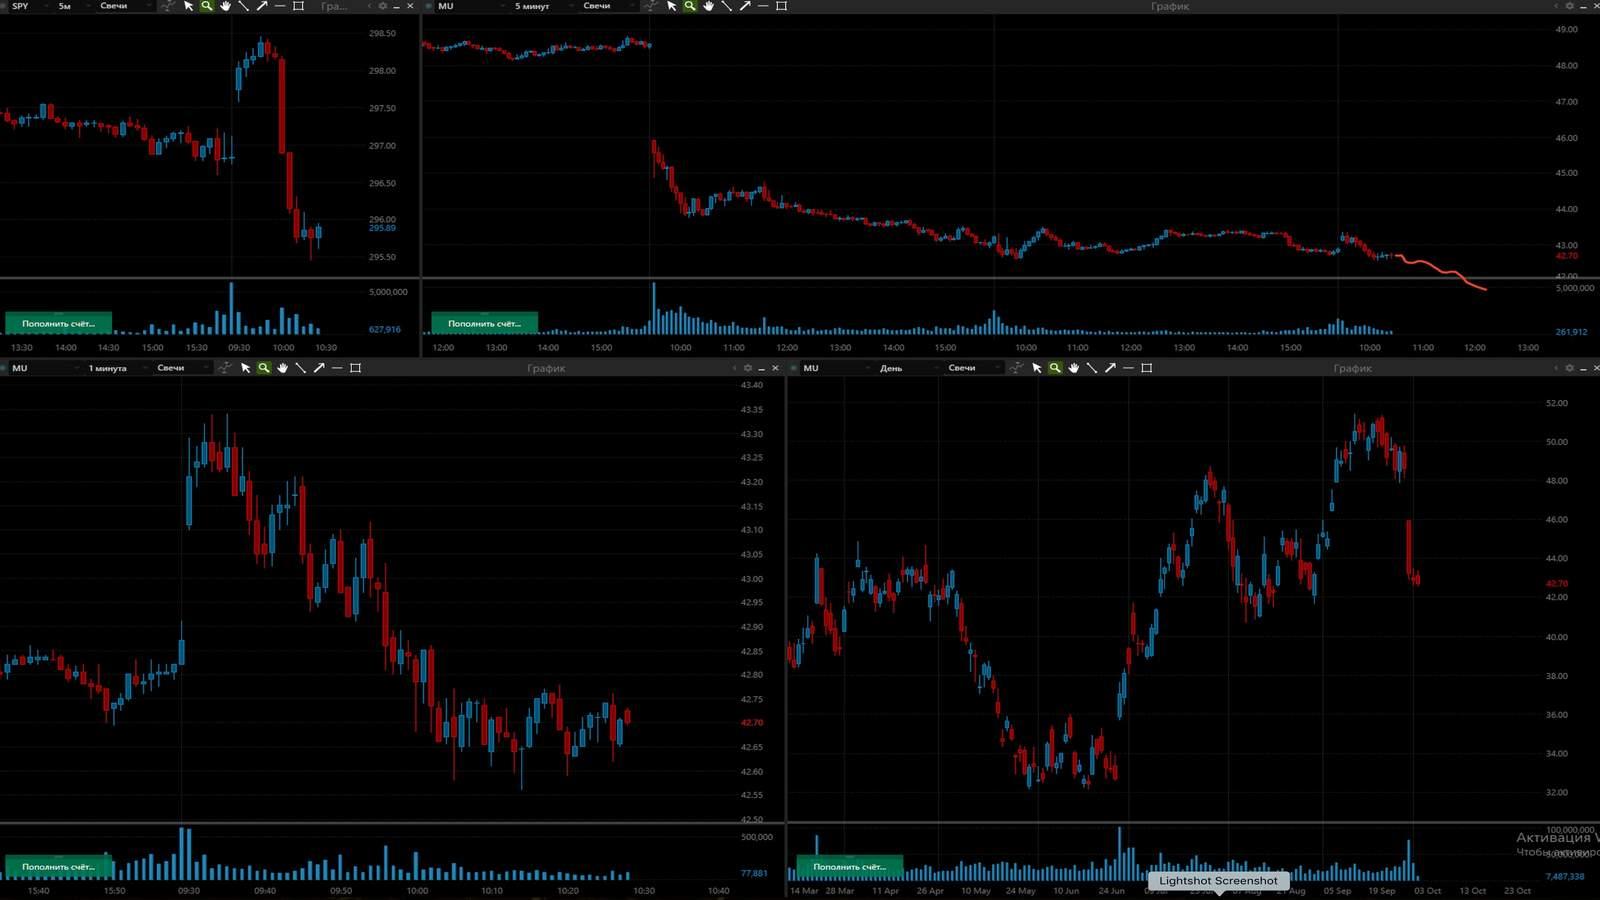 MU акция на фондовой бирже